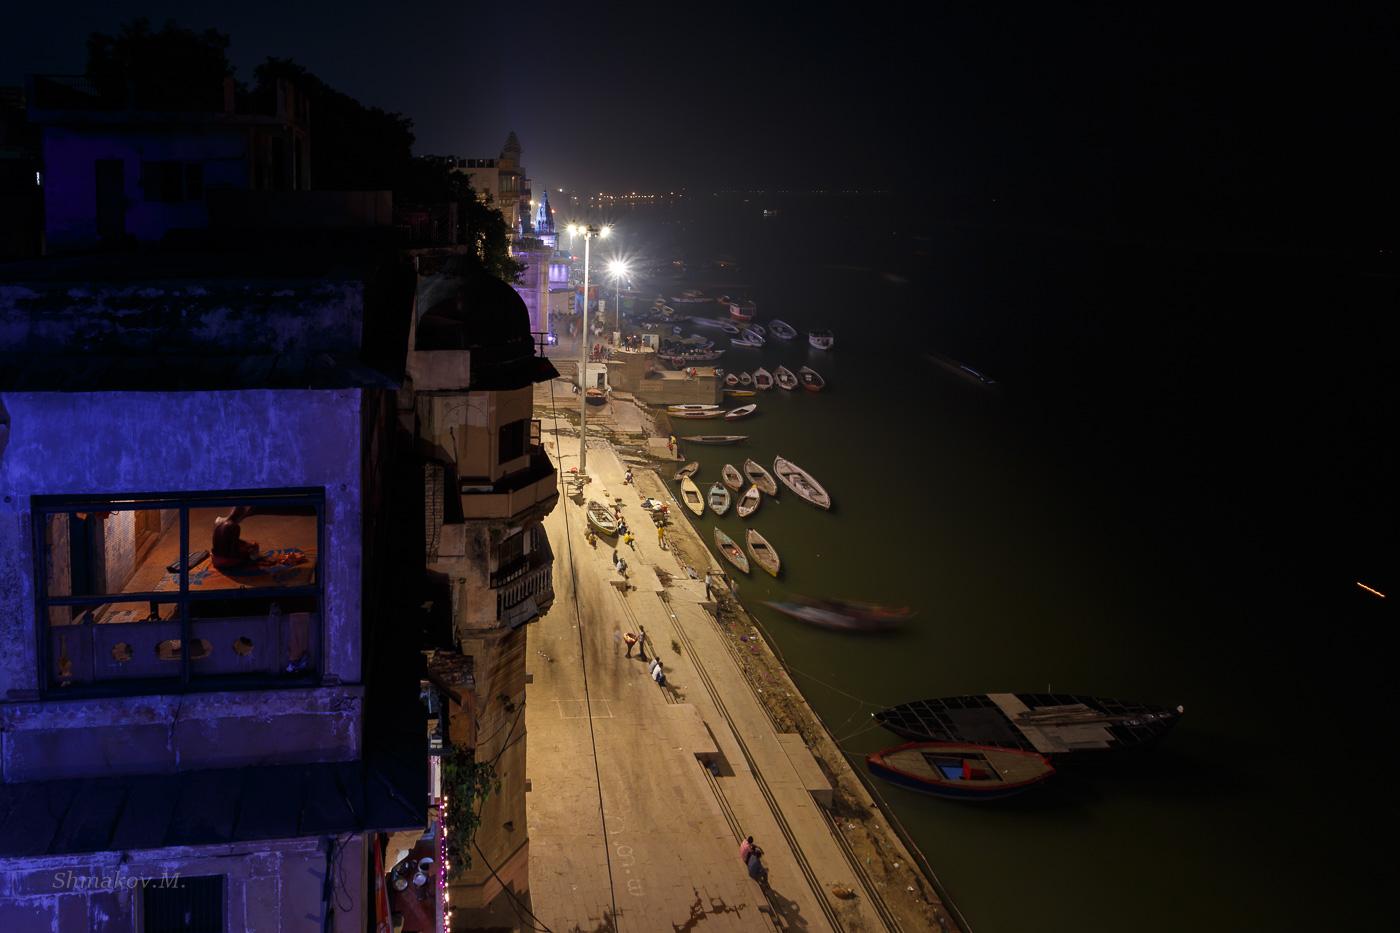 Фото 18. Окно, фонари, лодки. Отзывы о поездке в Варанаси (8; -1; 13; 100;17).